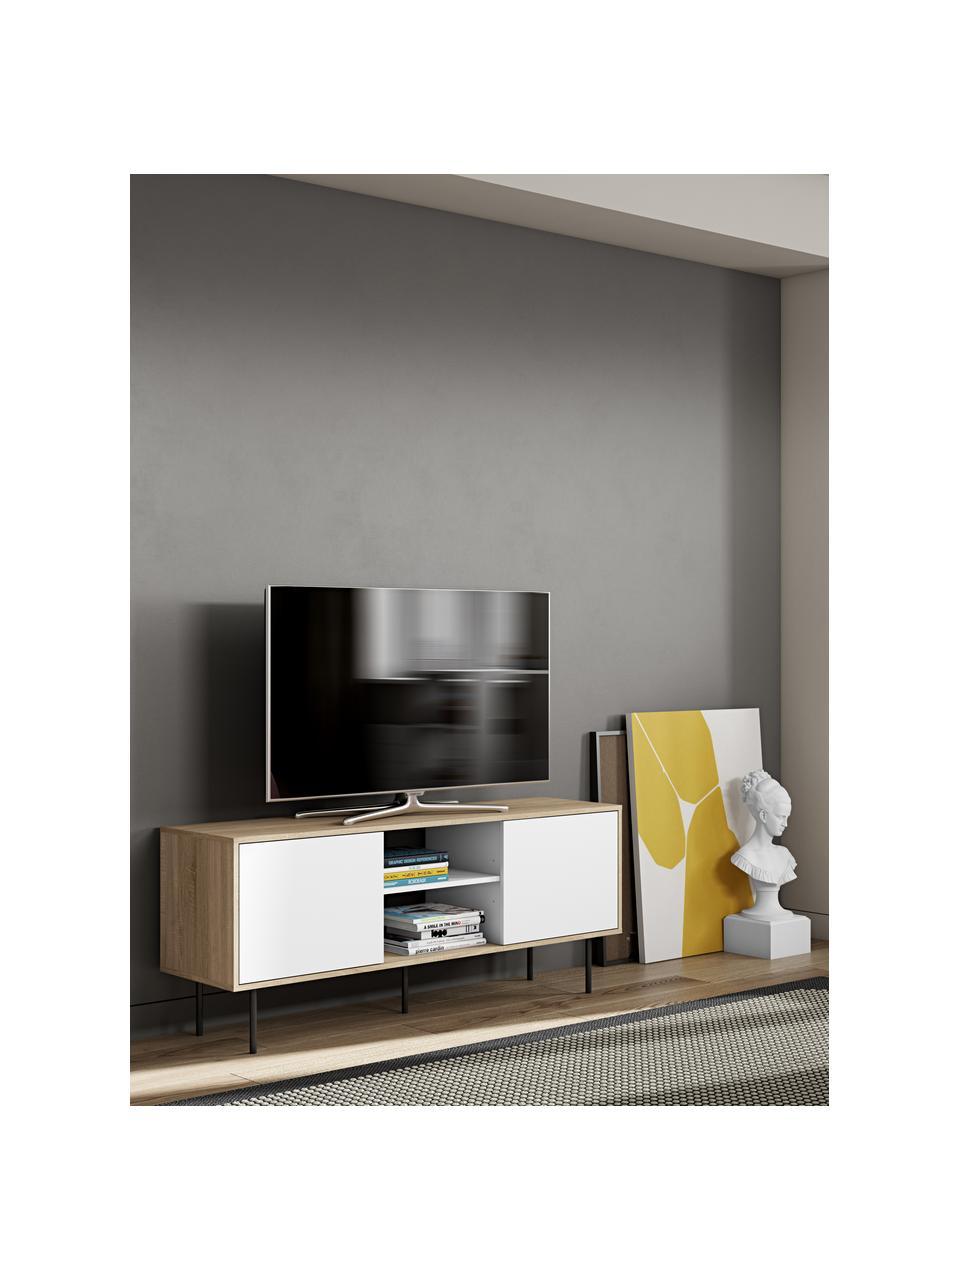 Skandi TV-Konsole Altitude, Korpus: Spanplatte, melaminbeschi, Füße: Metall, beschichtet, Eichenholz, Weiß, Schwarz, 151 x 40 cm